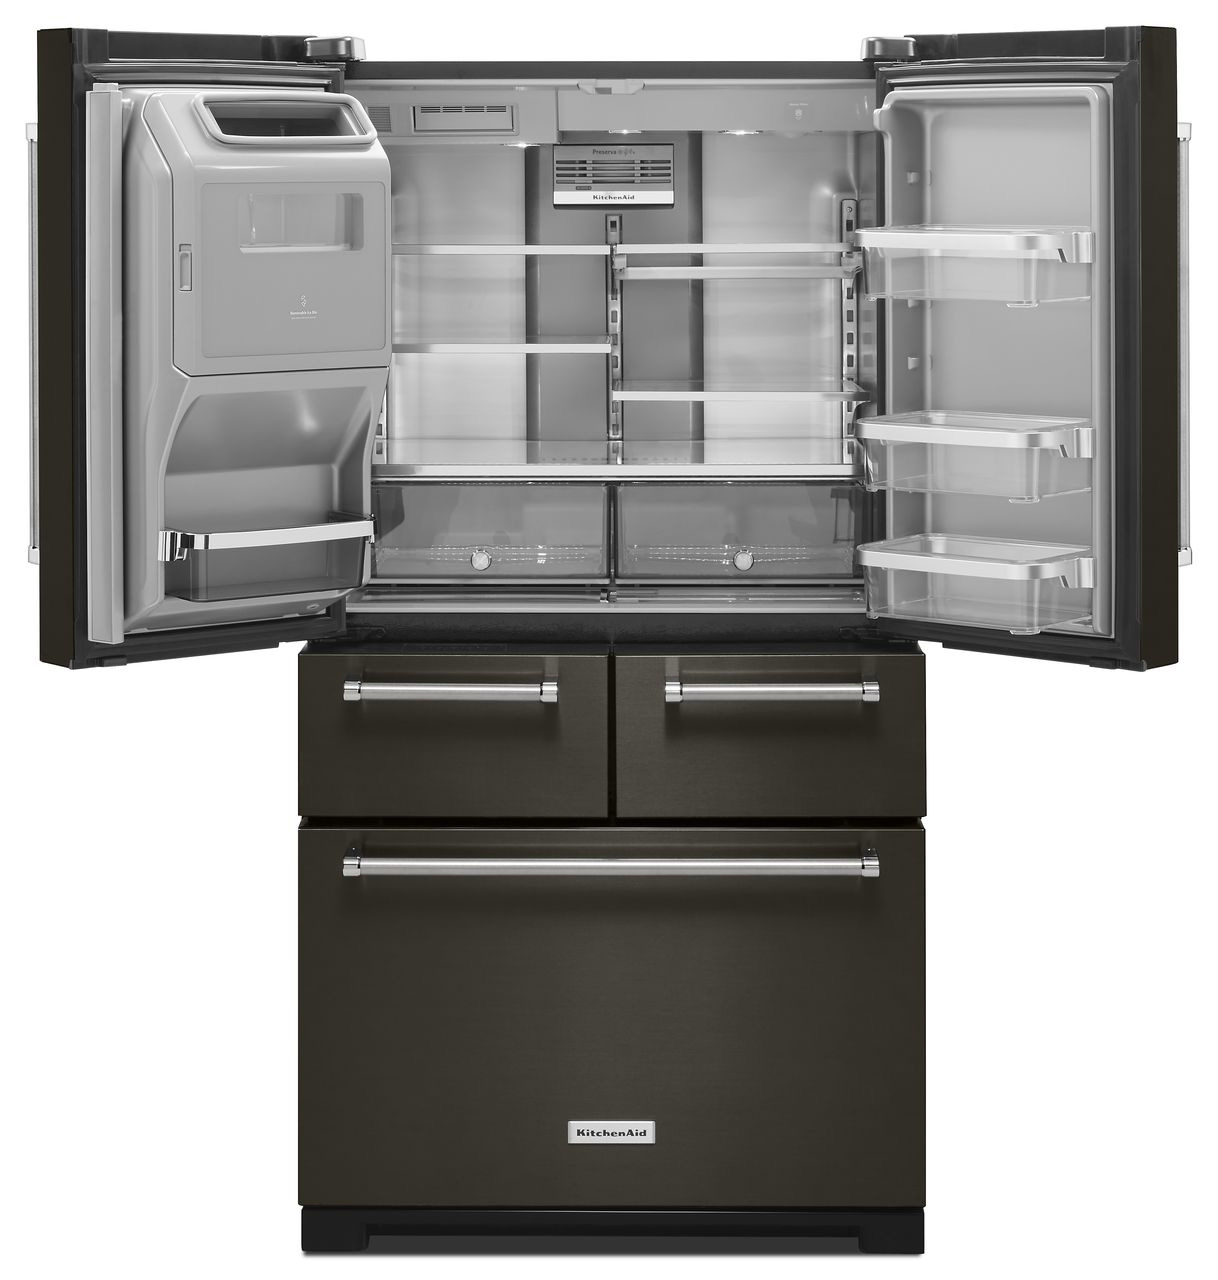 Kitchenaid Appliances Black Stainless kitchenaid black stainless refrigerator - krmf706e